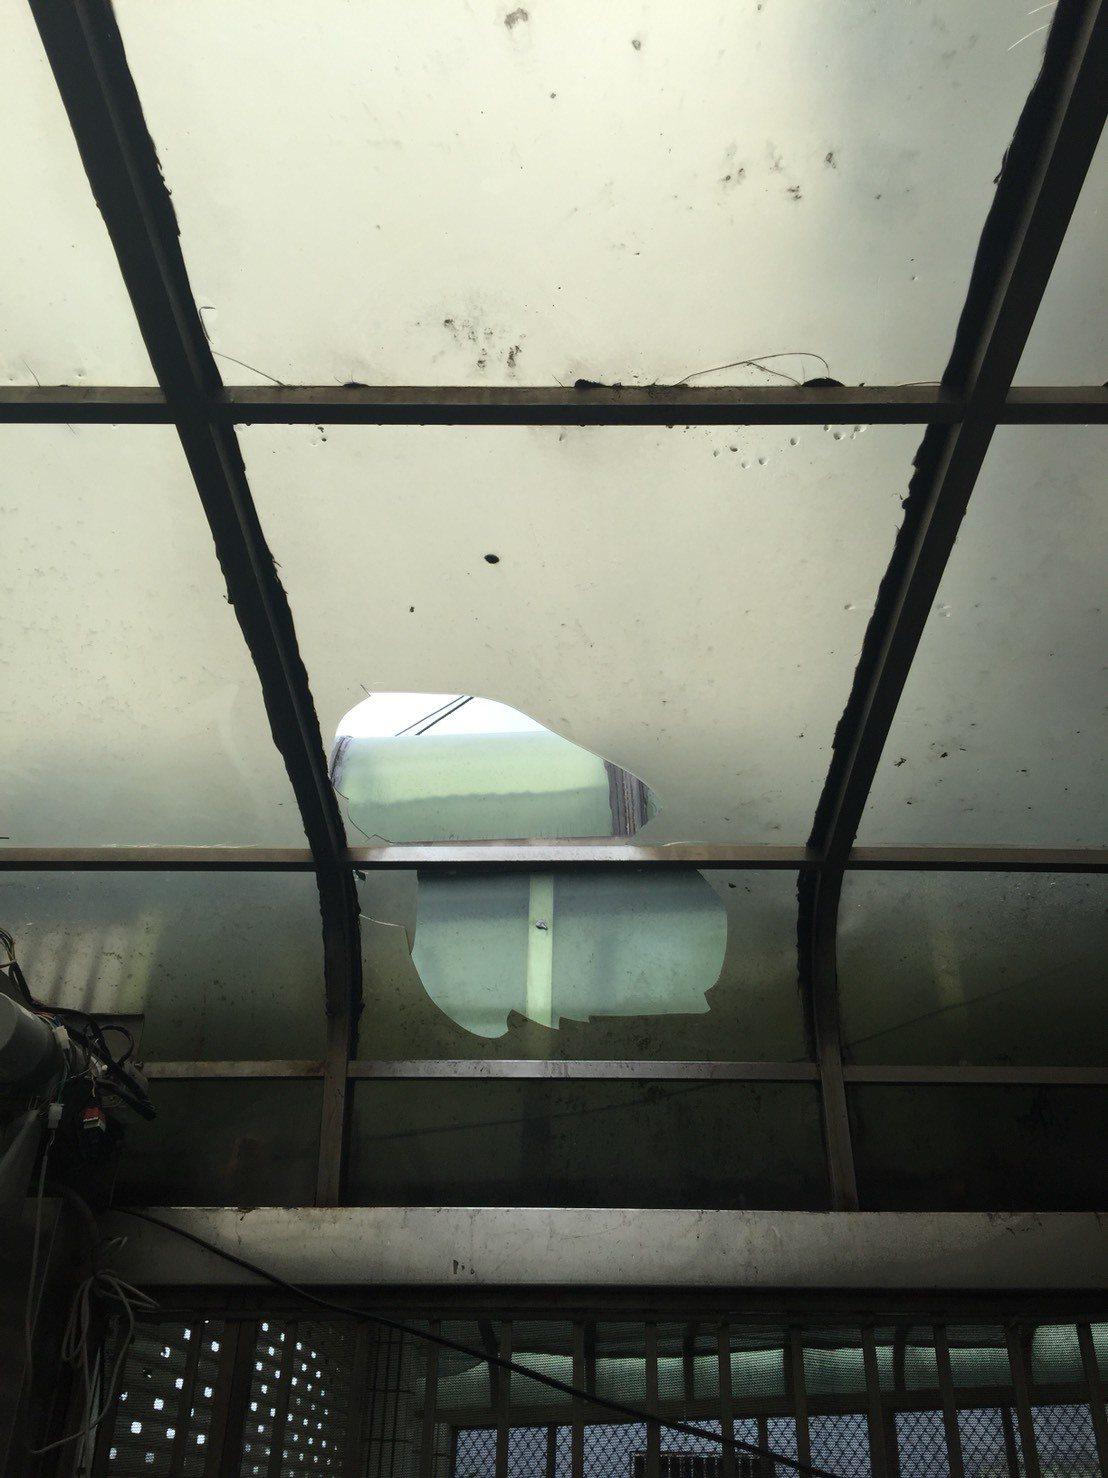 四海幫新生代劉姓男子平時聚眾砍殺被害人為禍地方,警方逮捕時他企圖逃跑,摔破遮雨棚...